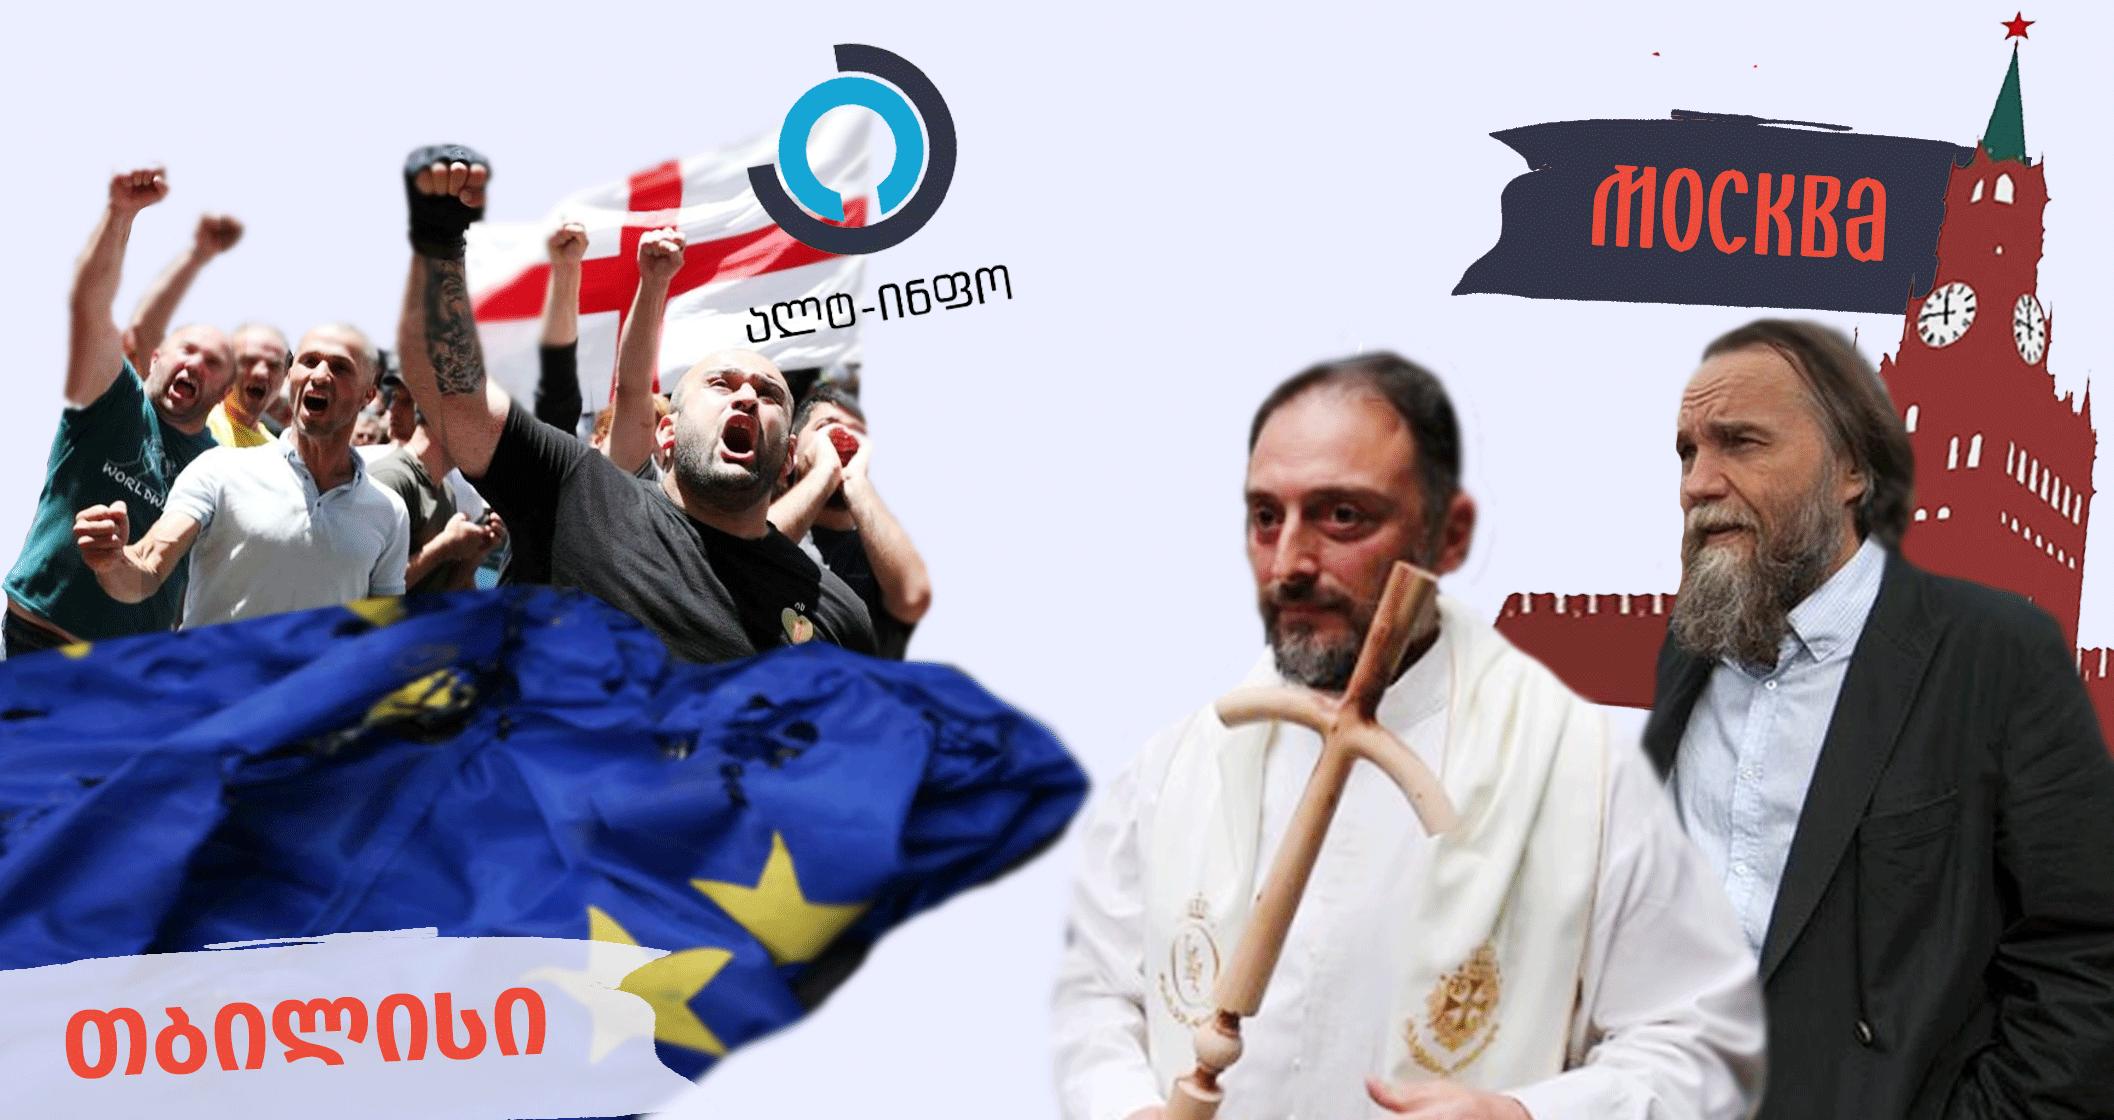 კრემლის ძალადობრივი ჯგუფების სტრატეგია: დასავლეთის სიმბოლოების დაწვა ნორმად უნდა იქცეს